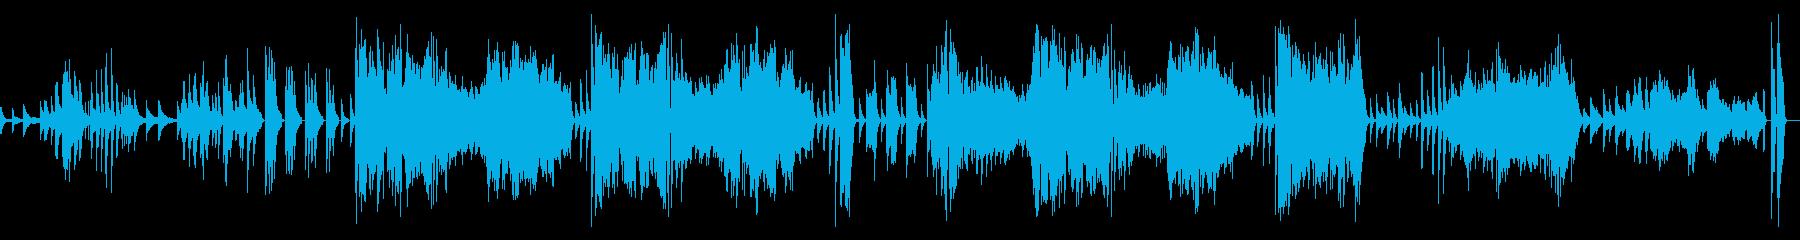 告別 第一楽章 ベートーヴェン ピアノ の再生済みの波形